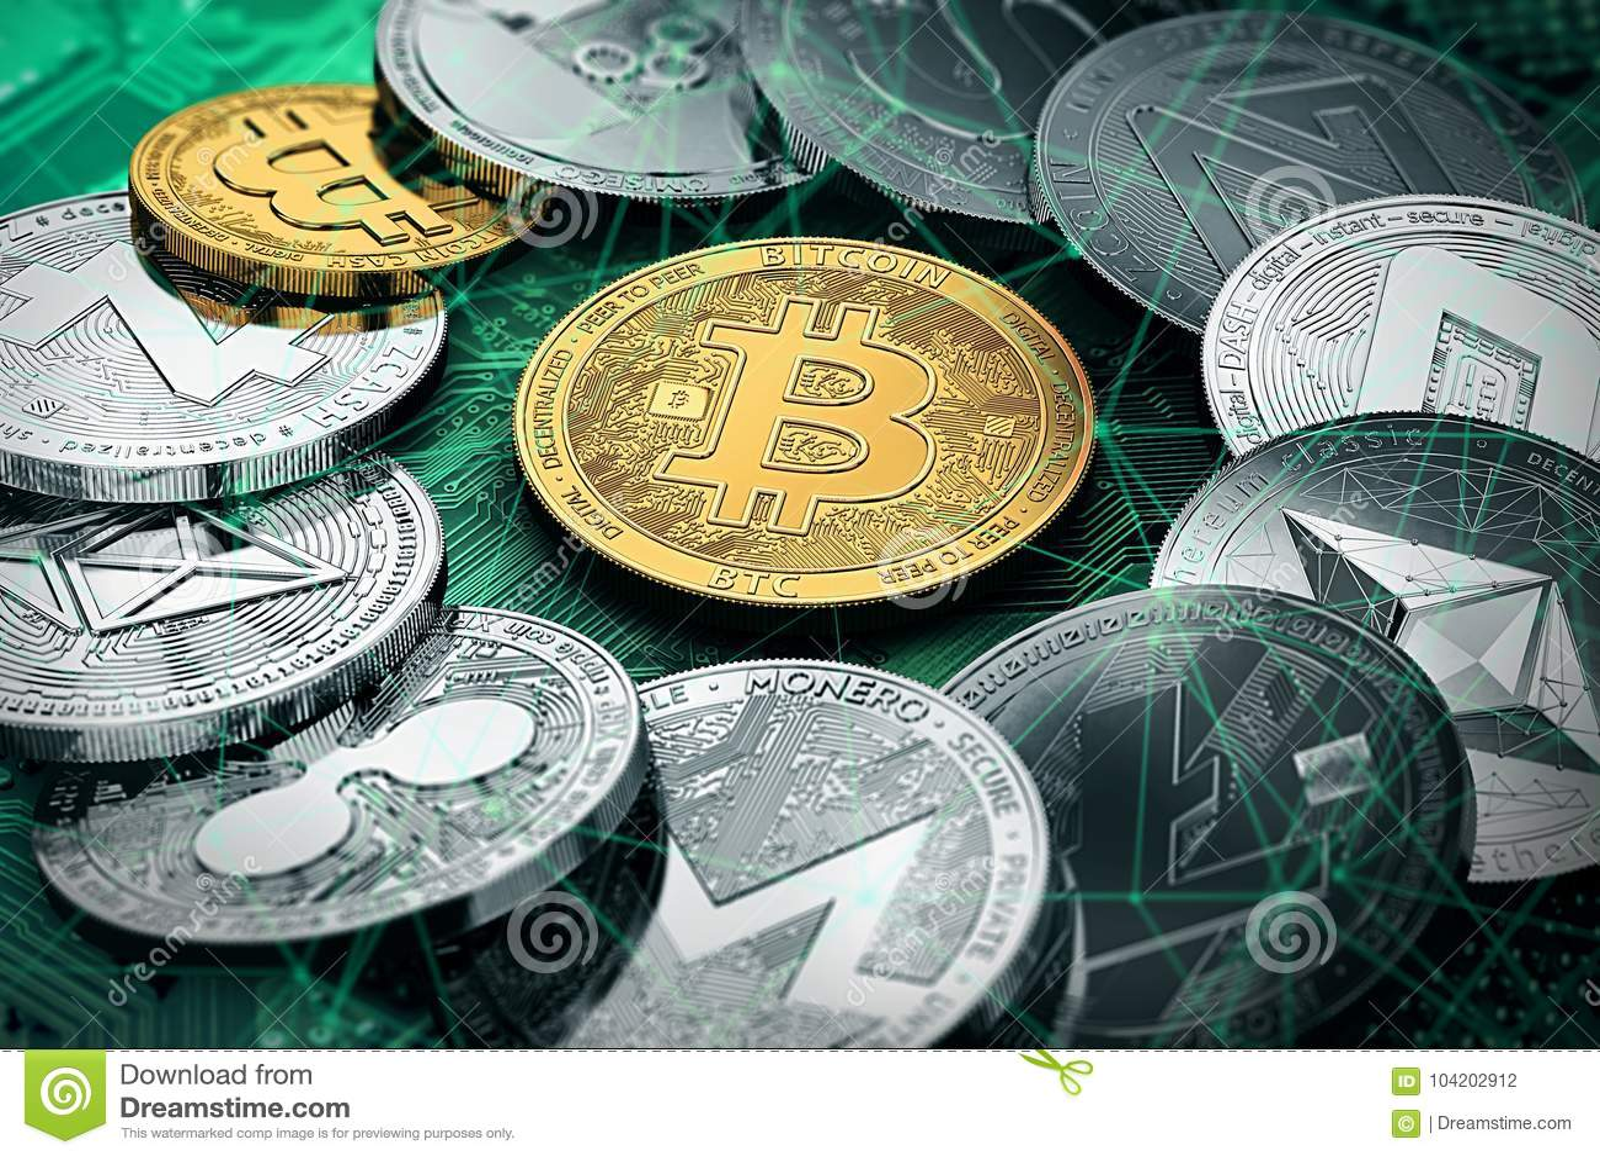 Un cerchio con un bitcoin dorato dentro la pila enorme di cryptocurrencies